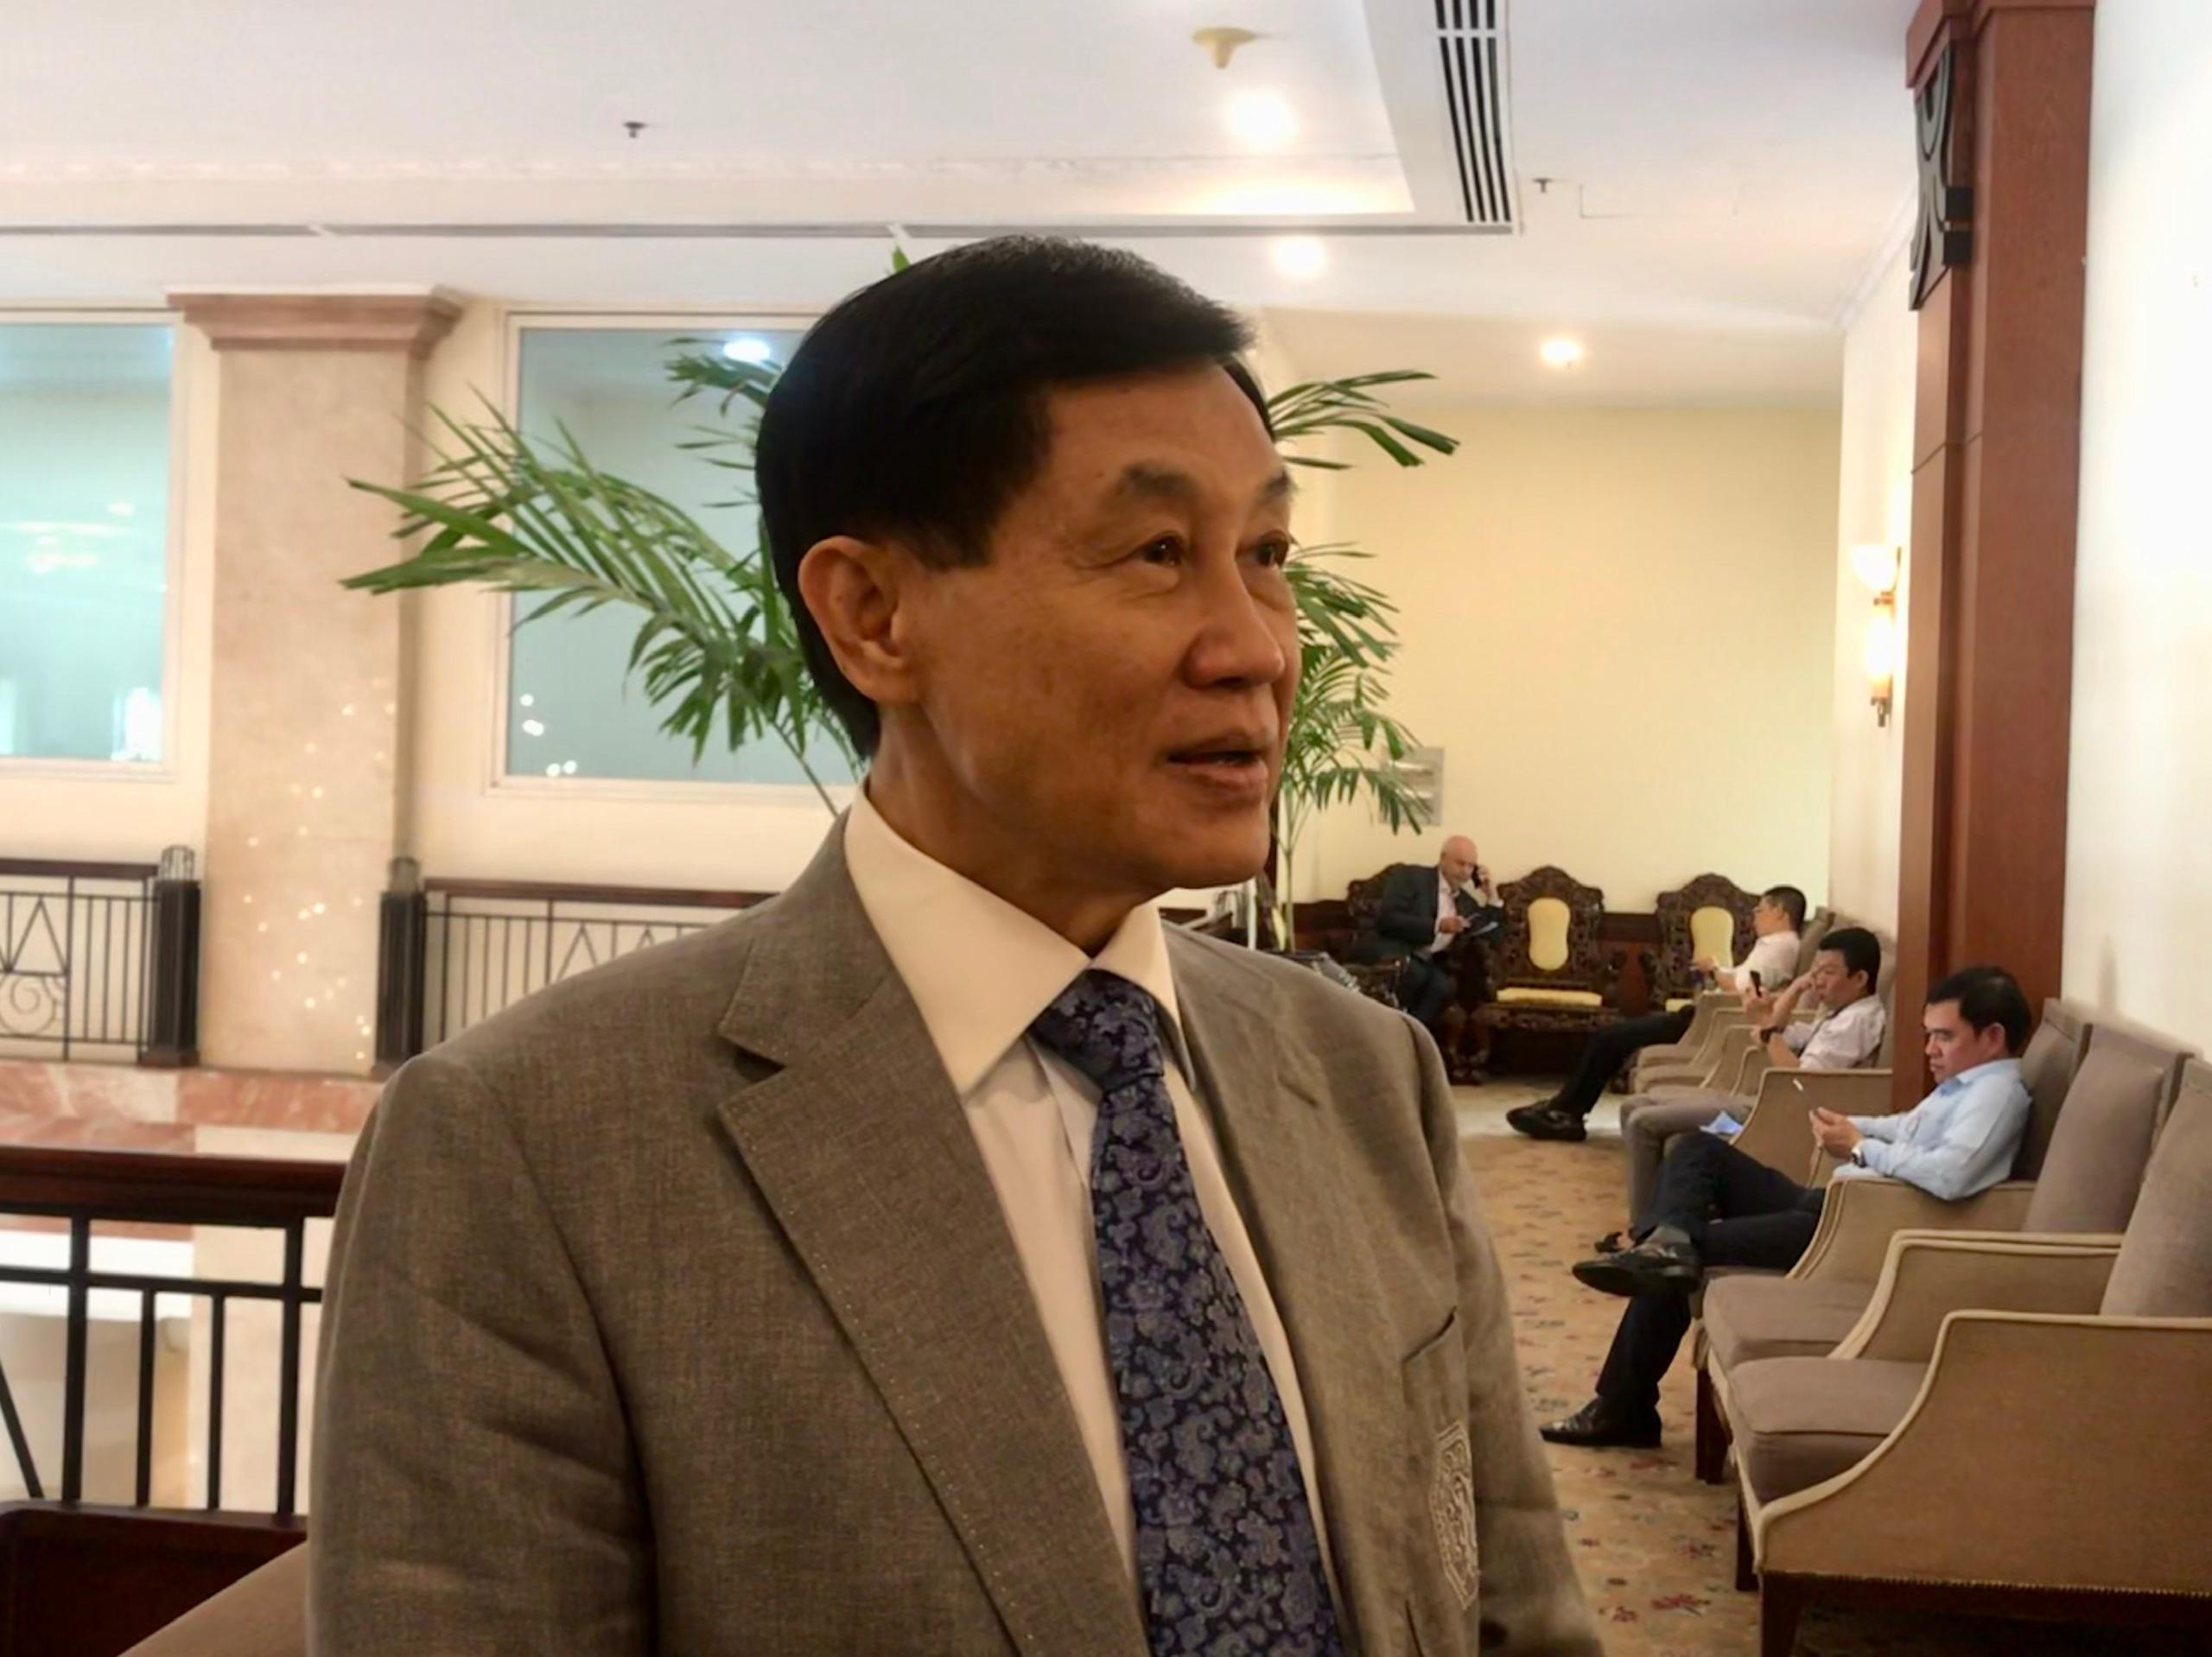 Johnathan Hạnh Nguyễn: '3-5 năm tới, Việt Nam sẽ có các khu phi thuế quan đón hàng trăm triệu khách nhờ EVFTA' - Ảnh 1.